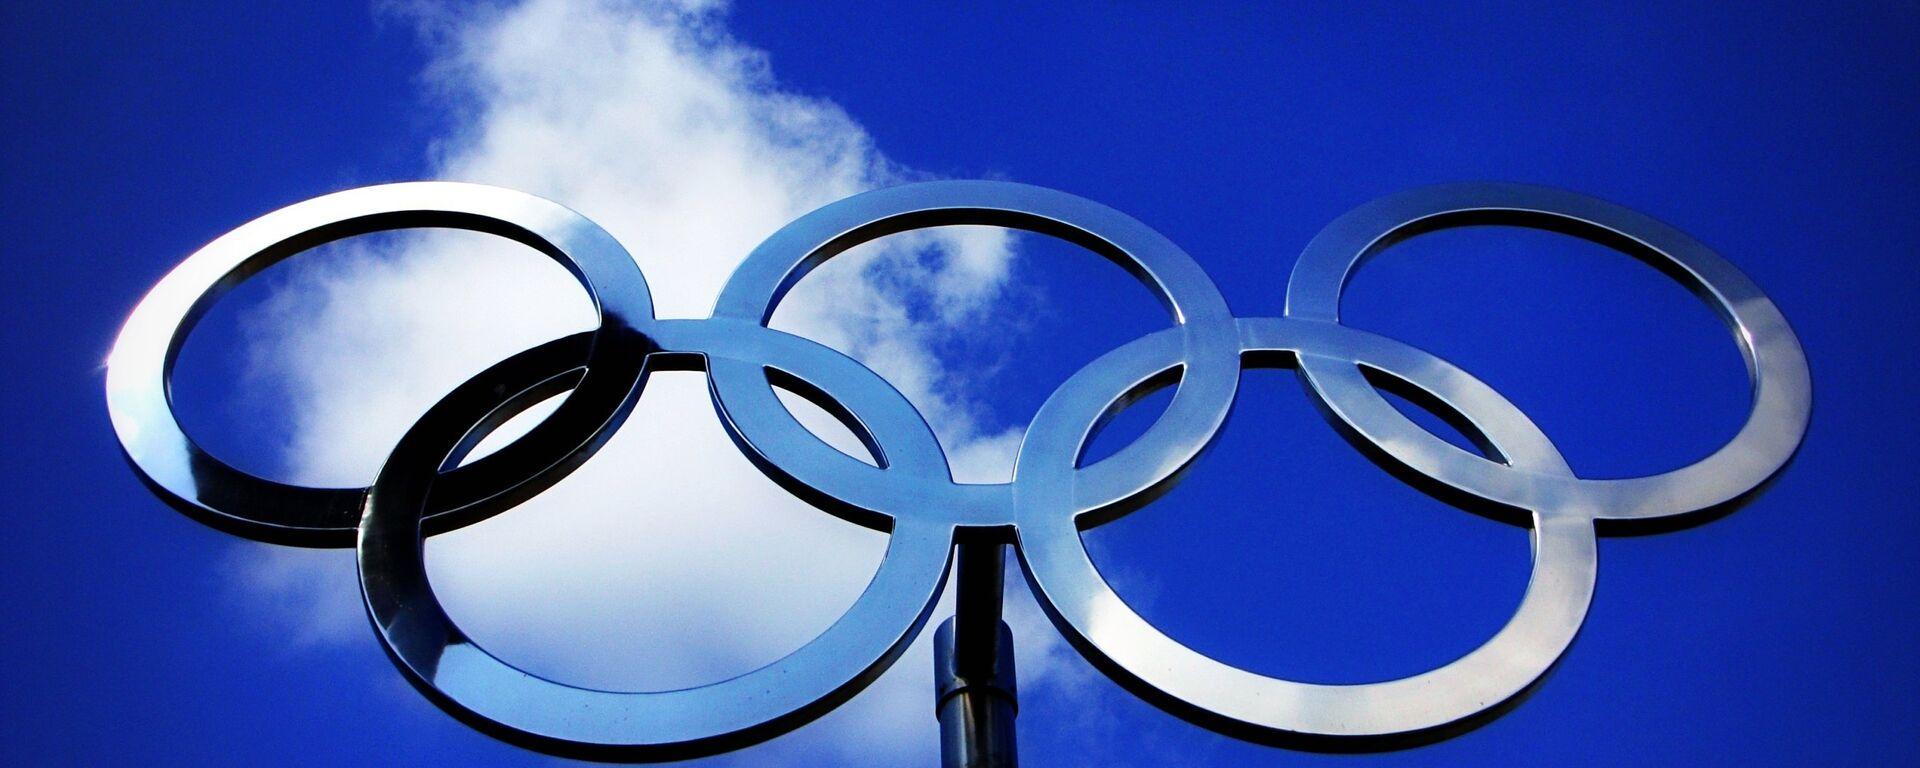 Anillos olímpicos (imagen referencial) - Sputnik Mundo, 1920, 27.01.2021